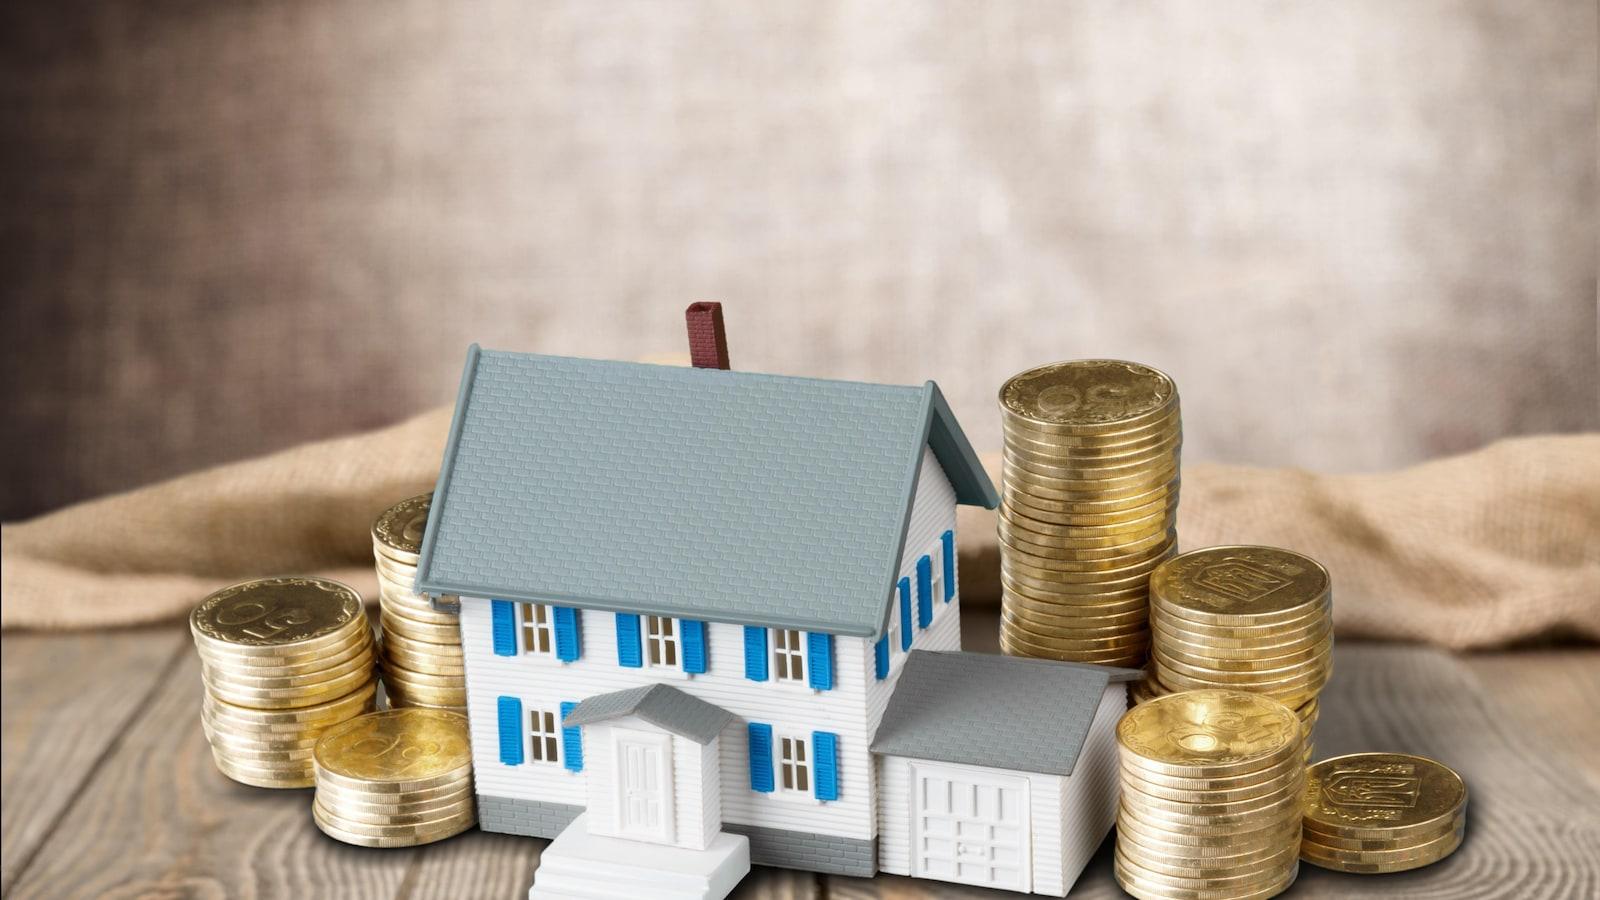 stratégie d'investissement dans l'immobilier